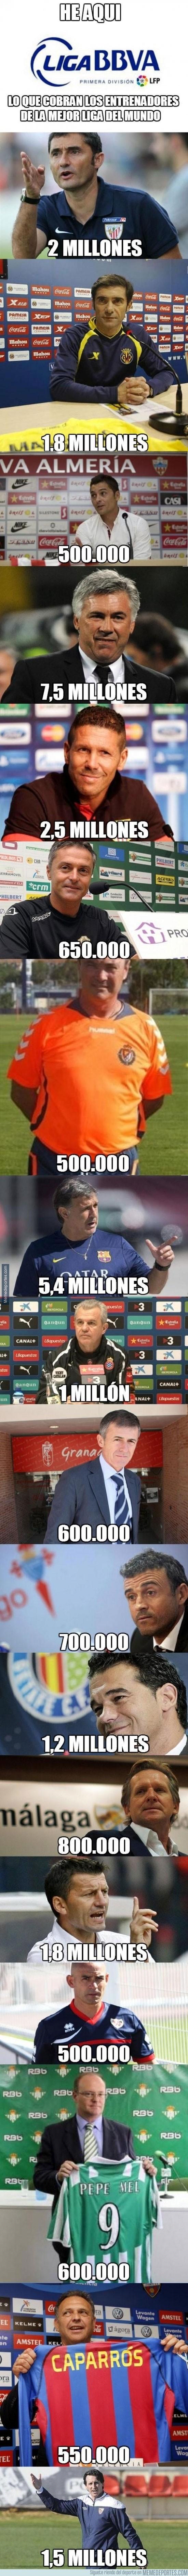 204938 - El sueldo de los entrenadores de la Liga BBVA. Gente pobre inside